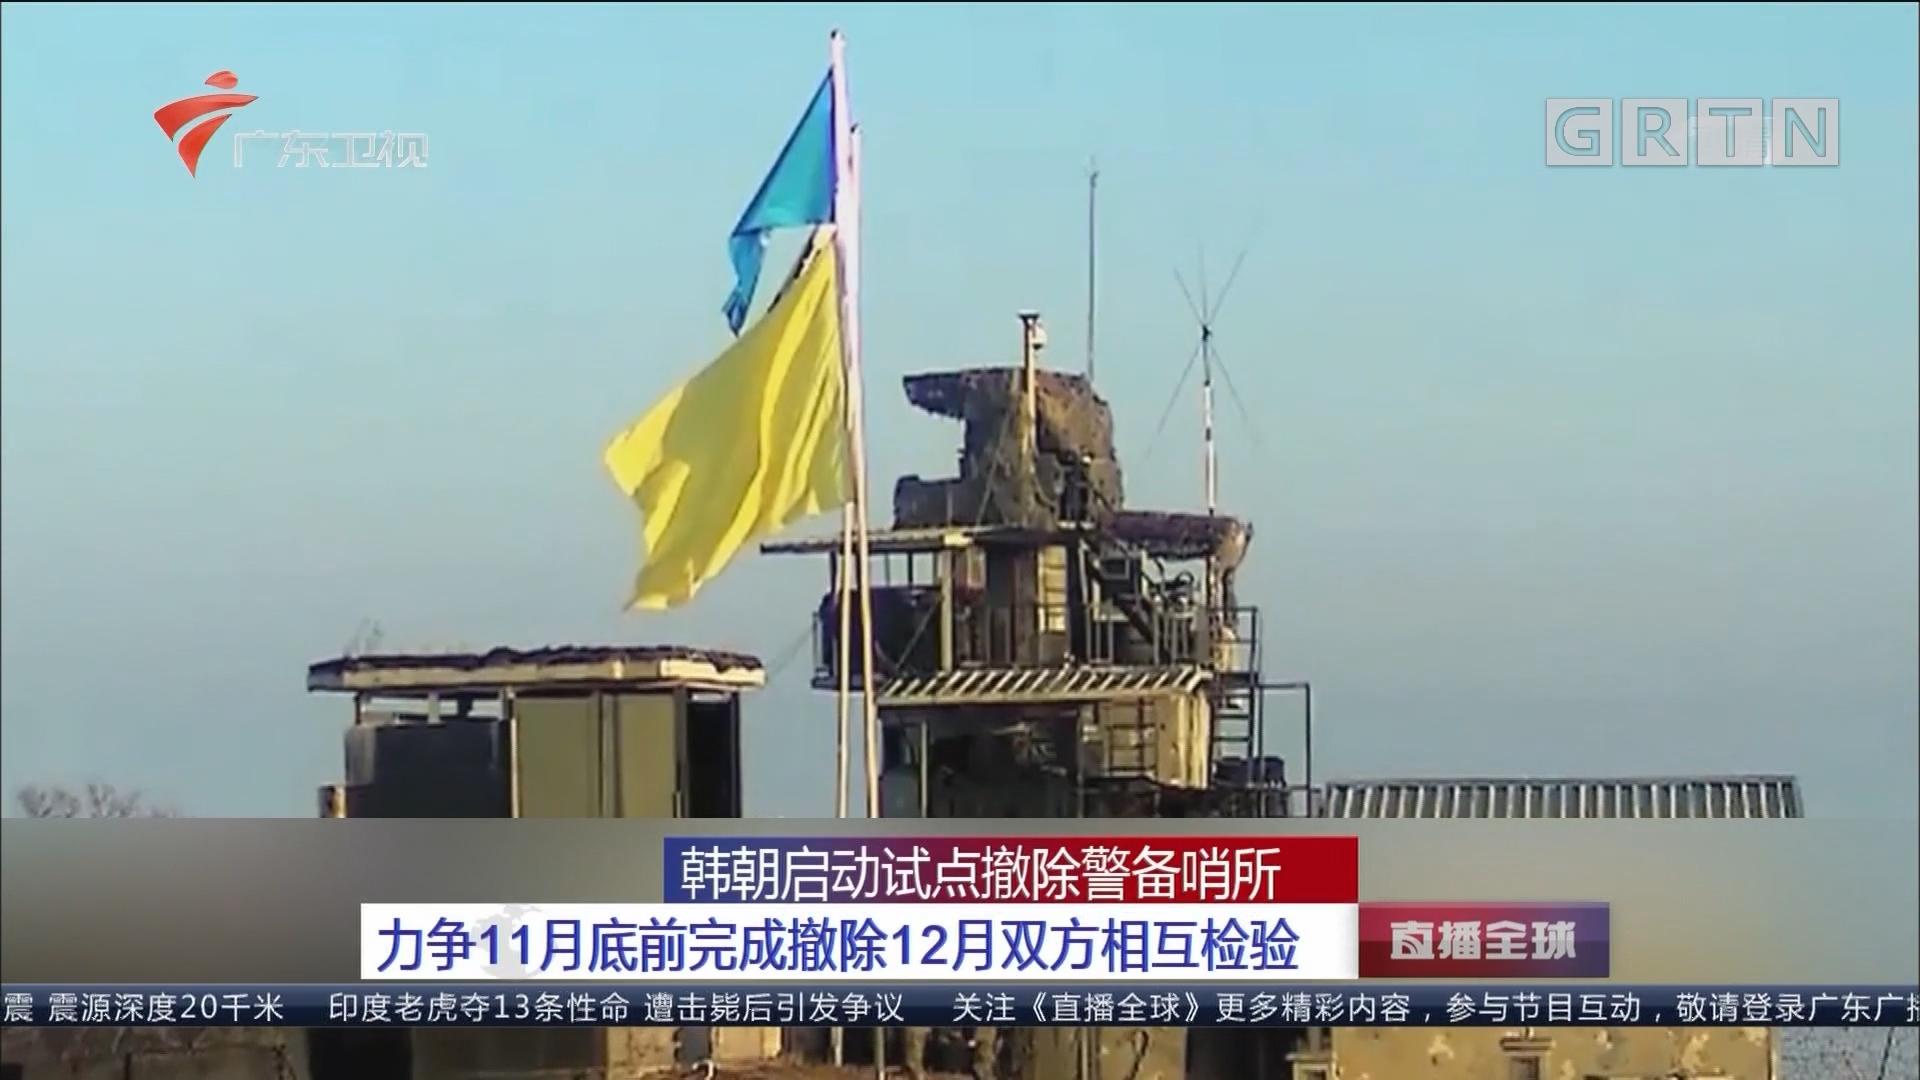 韩朝启动试点撤除警备哨所:力争11月底前完成撤除12月双方相互检验